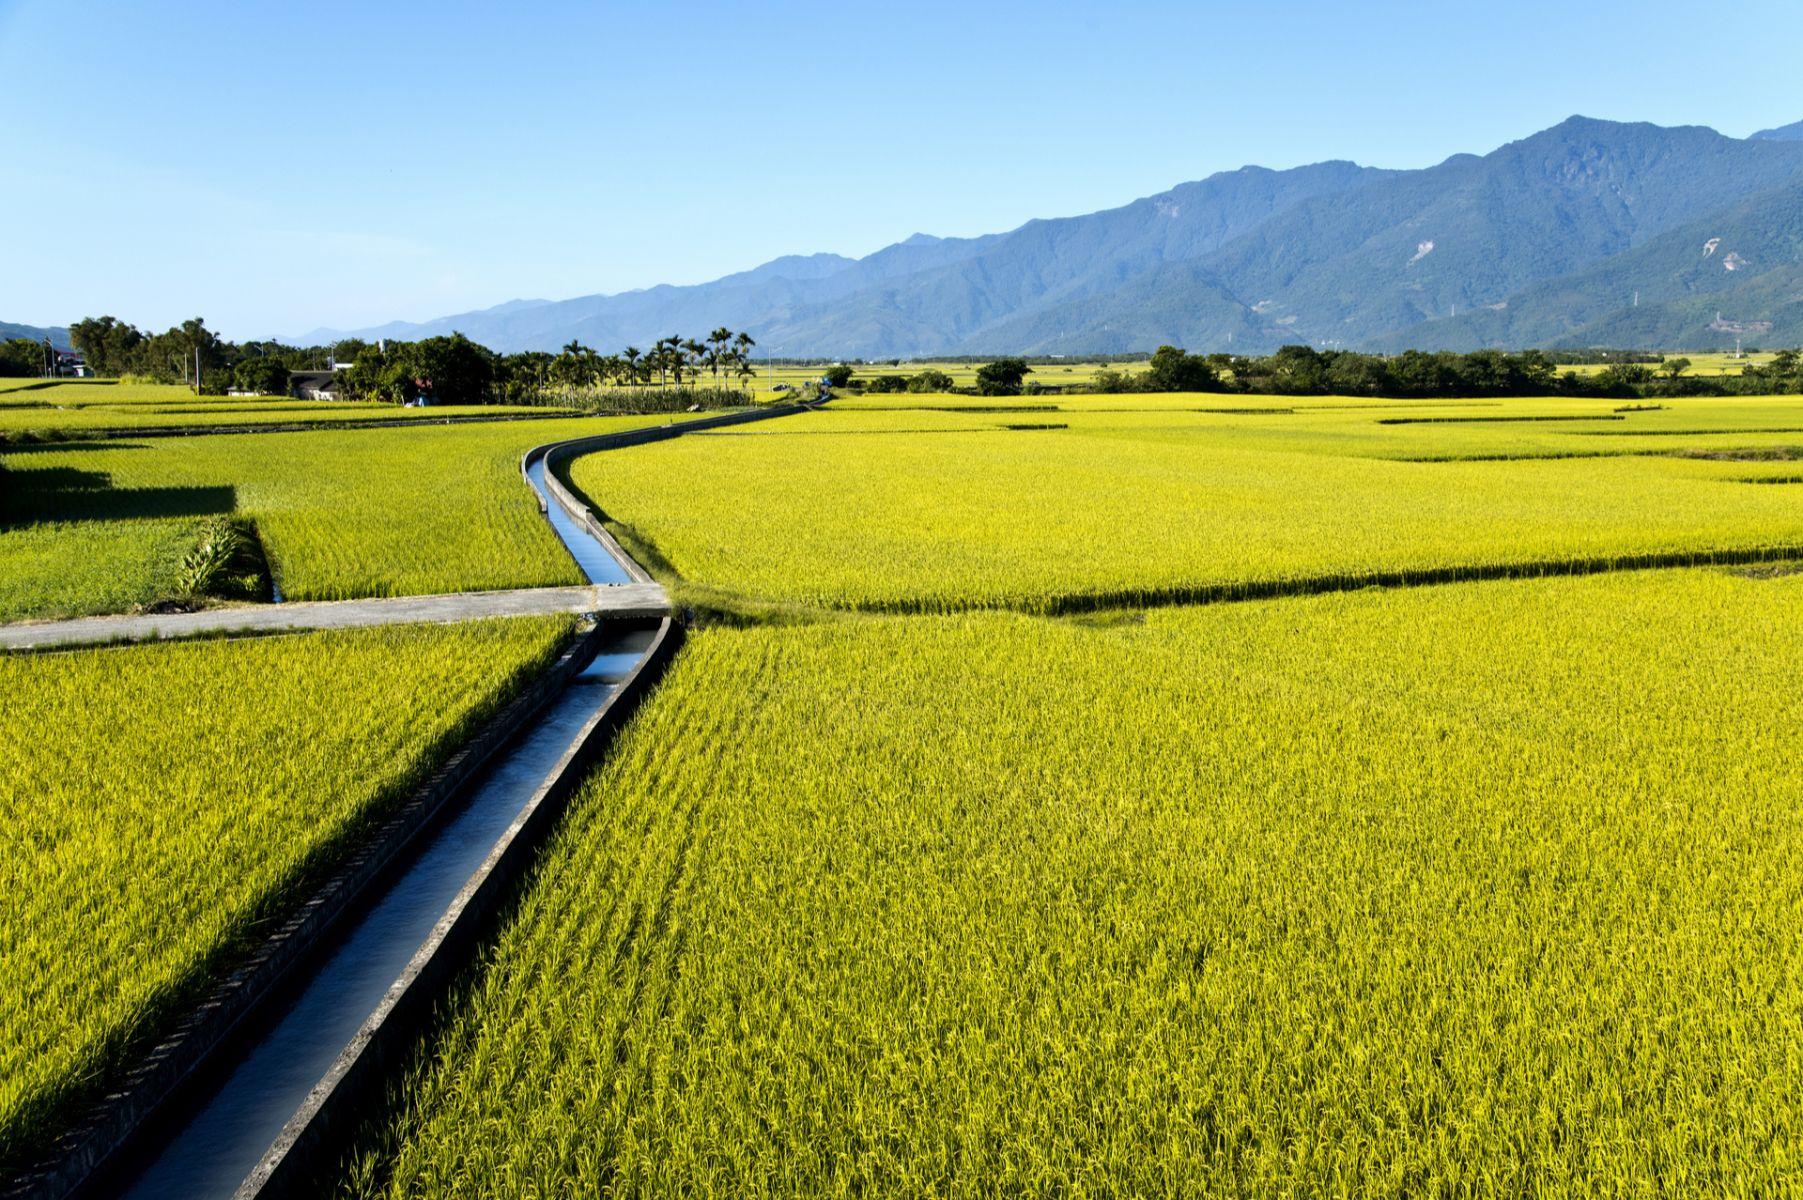 台灣東部資源不足是劣勢?北歐偏鄉這樣做長照